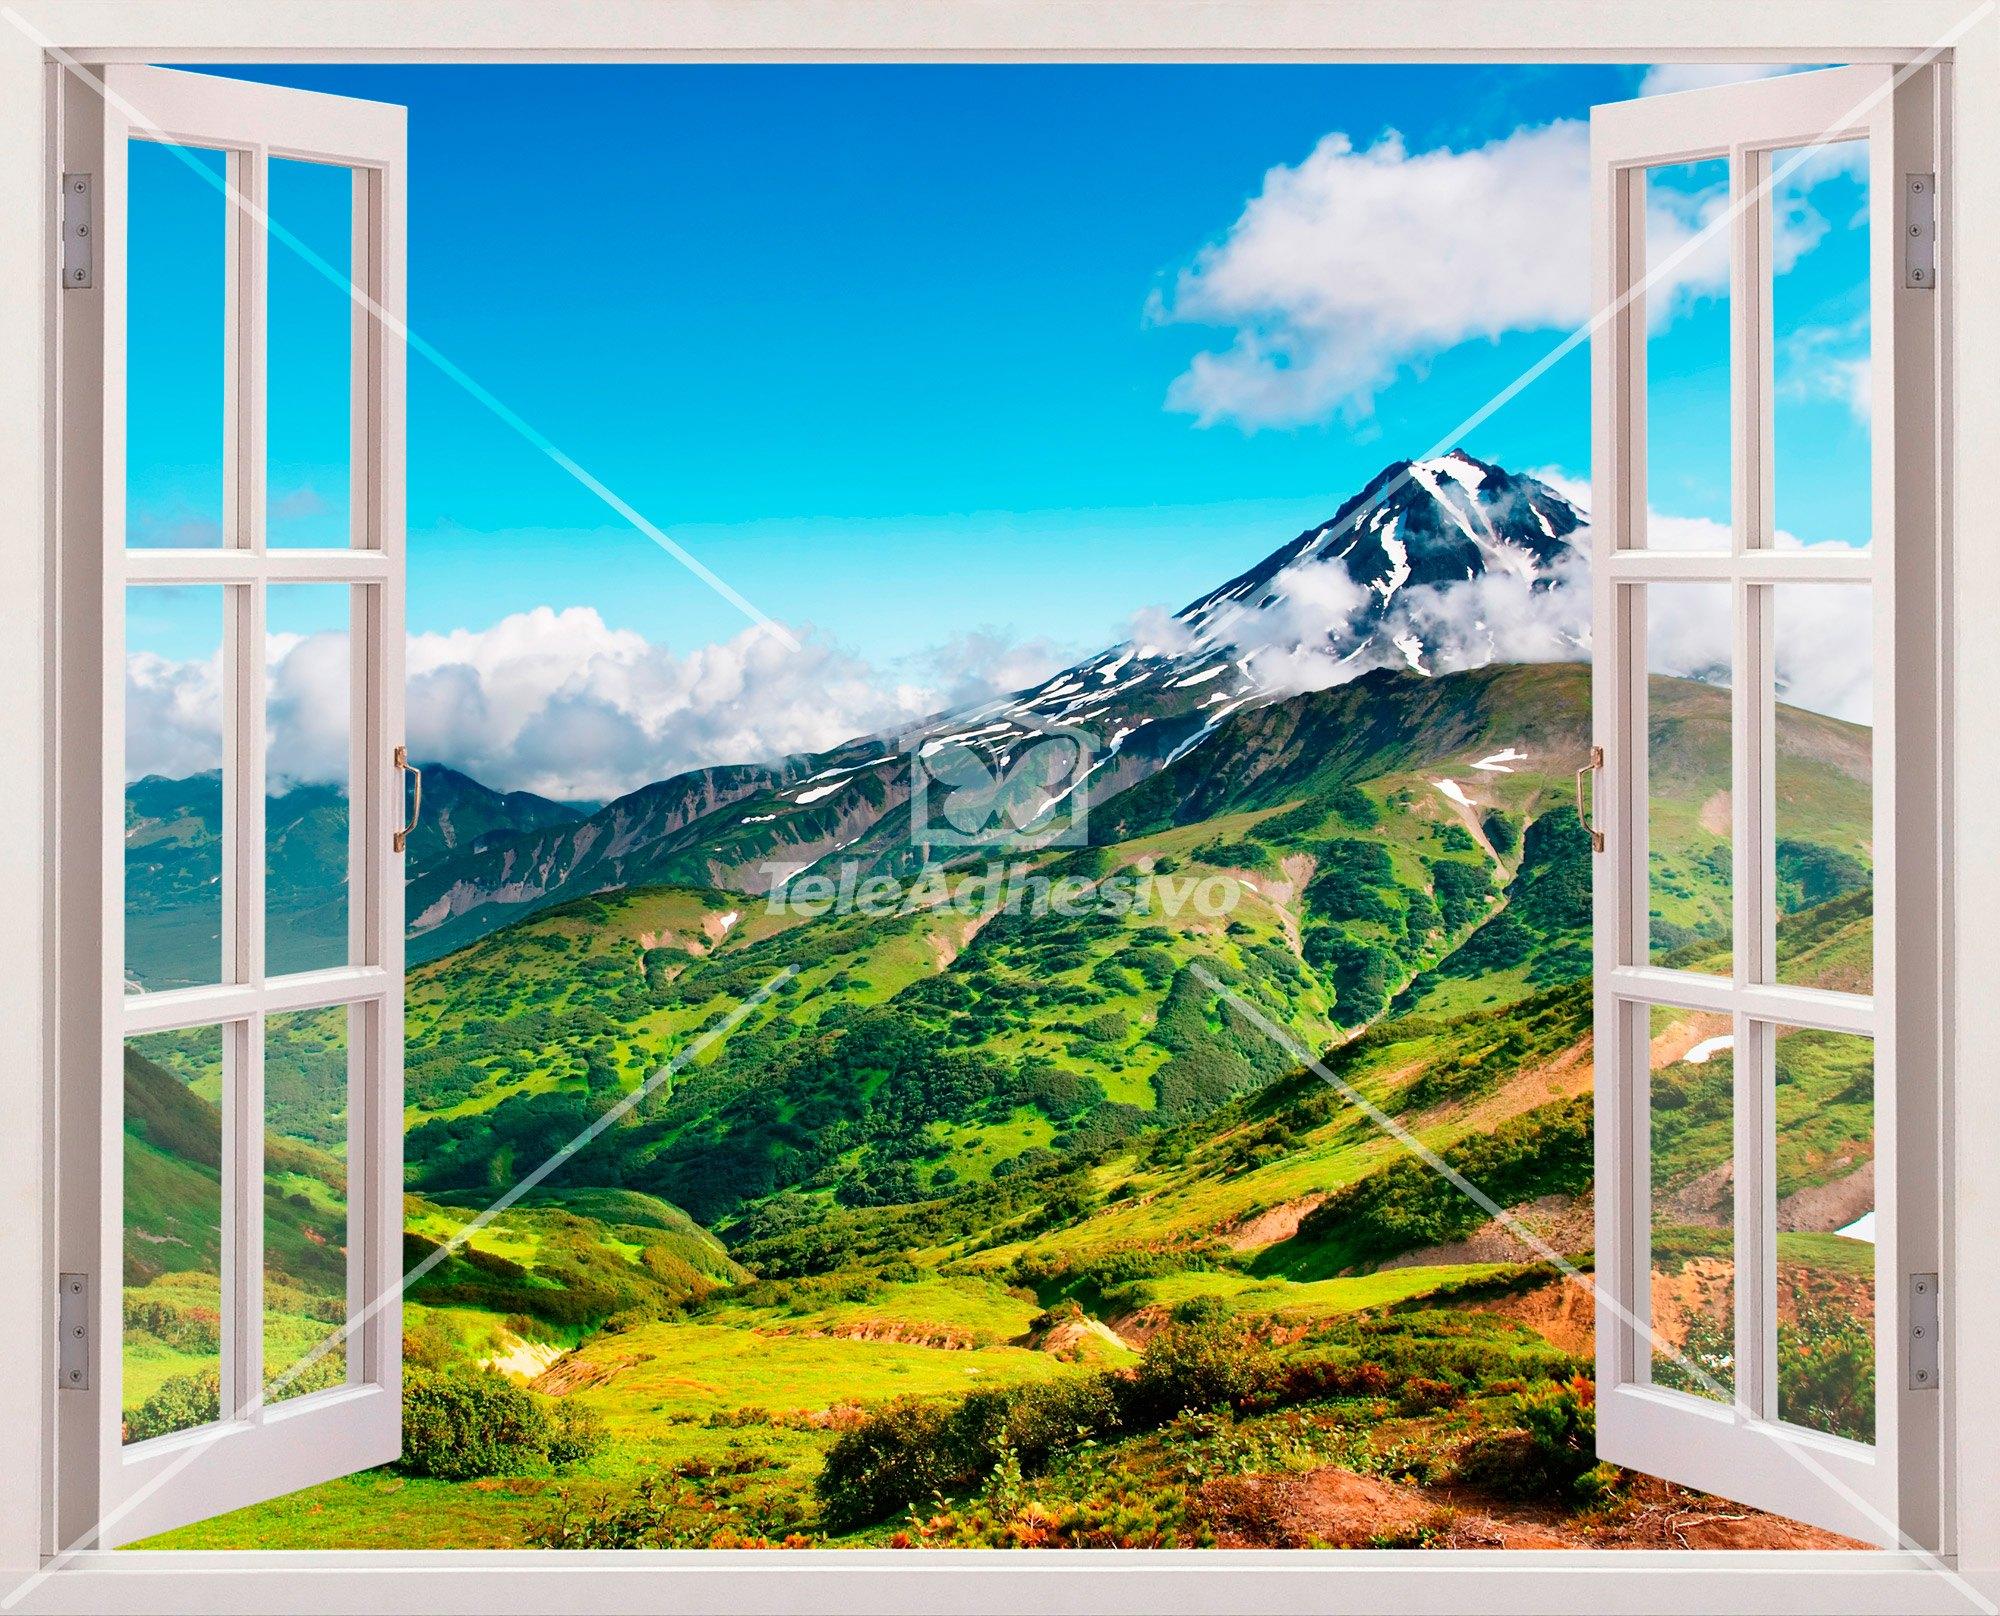 Wandtattoos: Berge und Täler